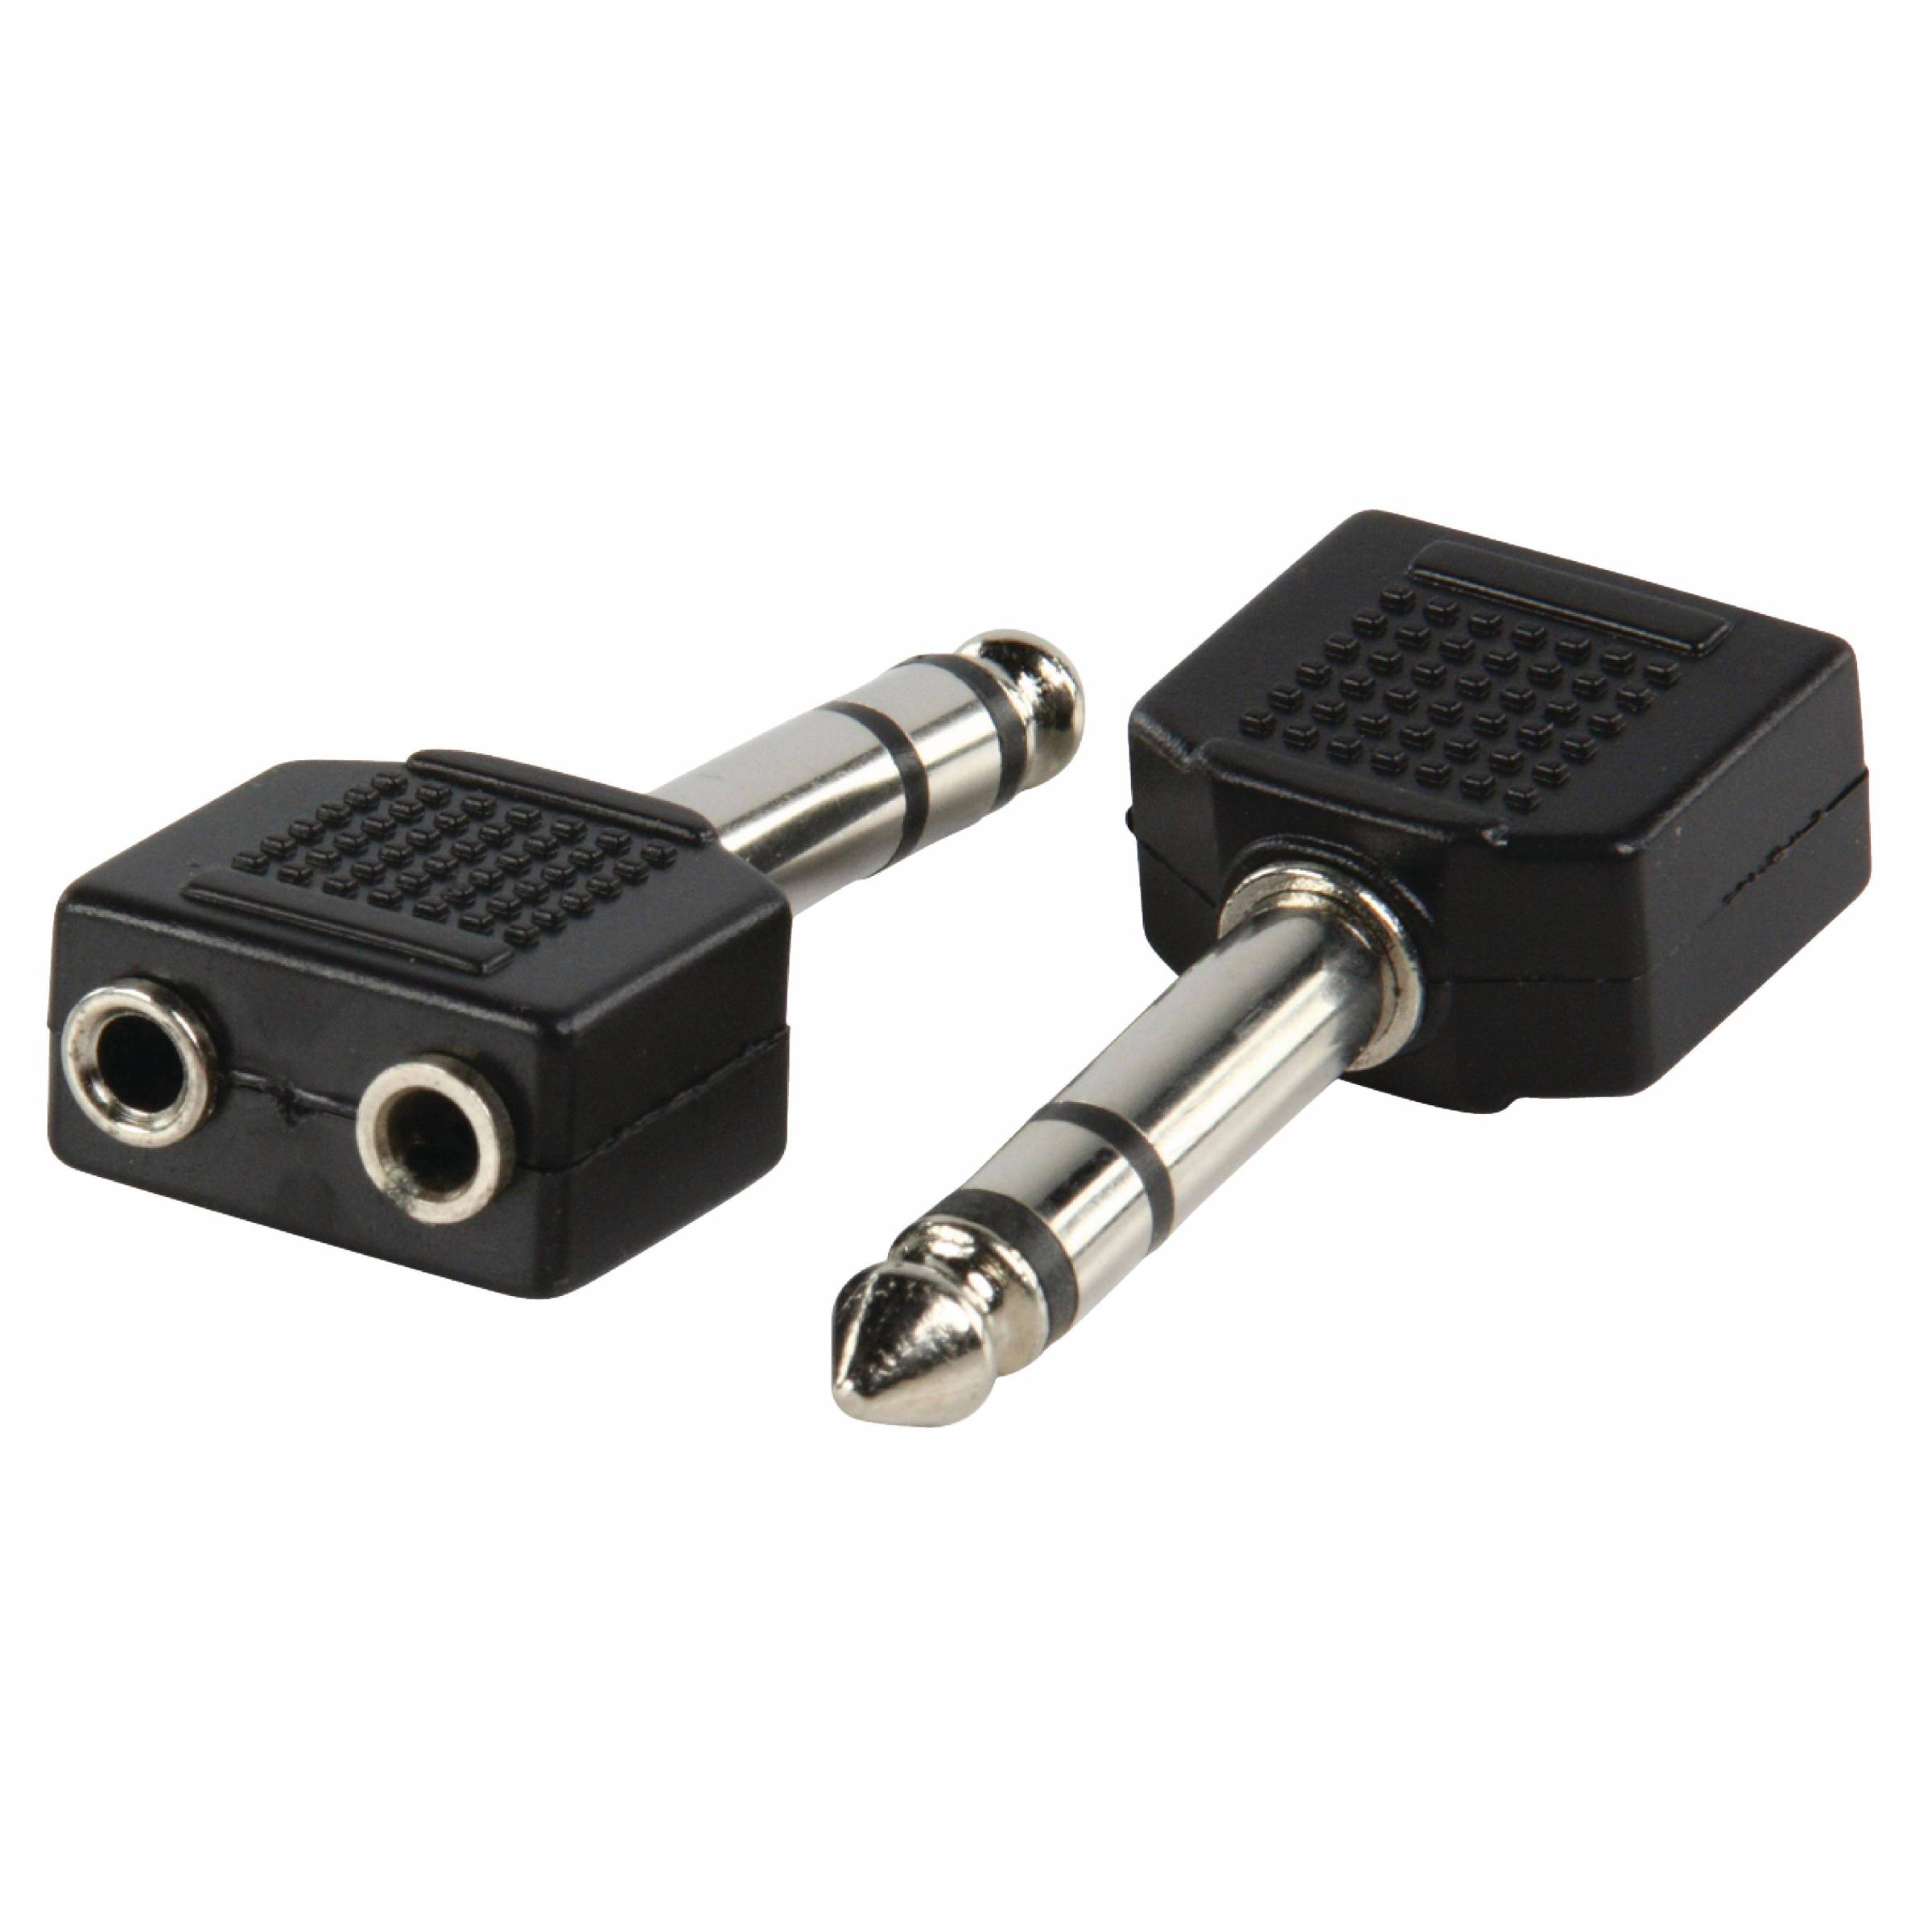 2x mini jack 3,5mm til 1x jack 6,35mm fra goobay fra mackabler.dk